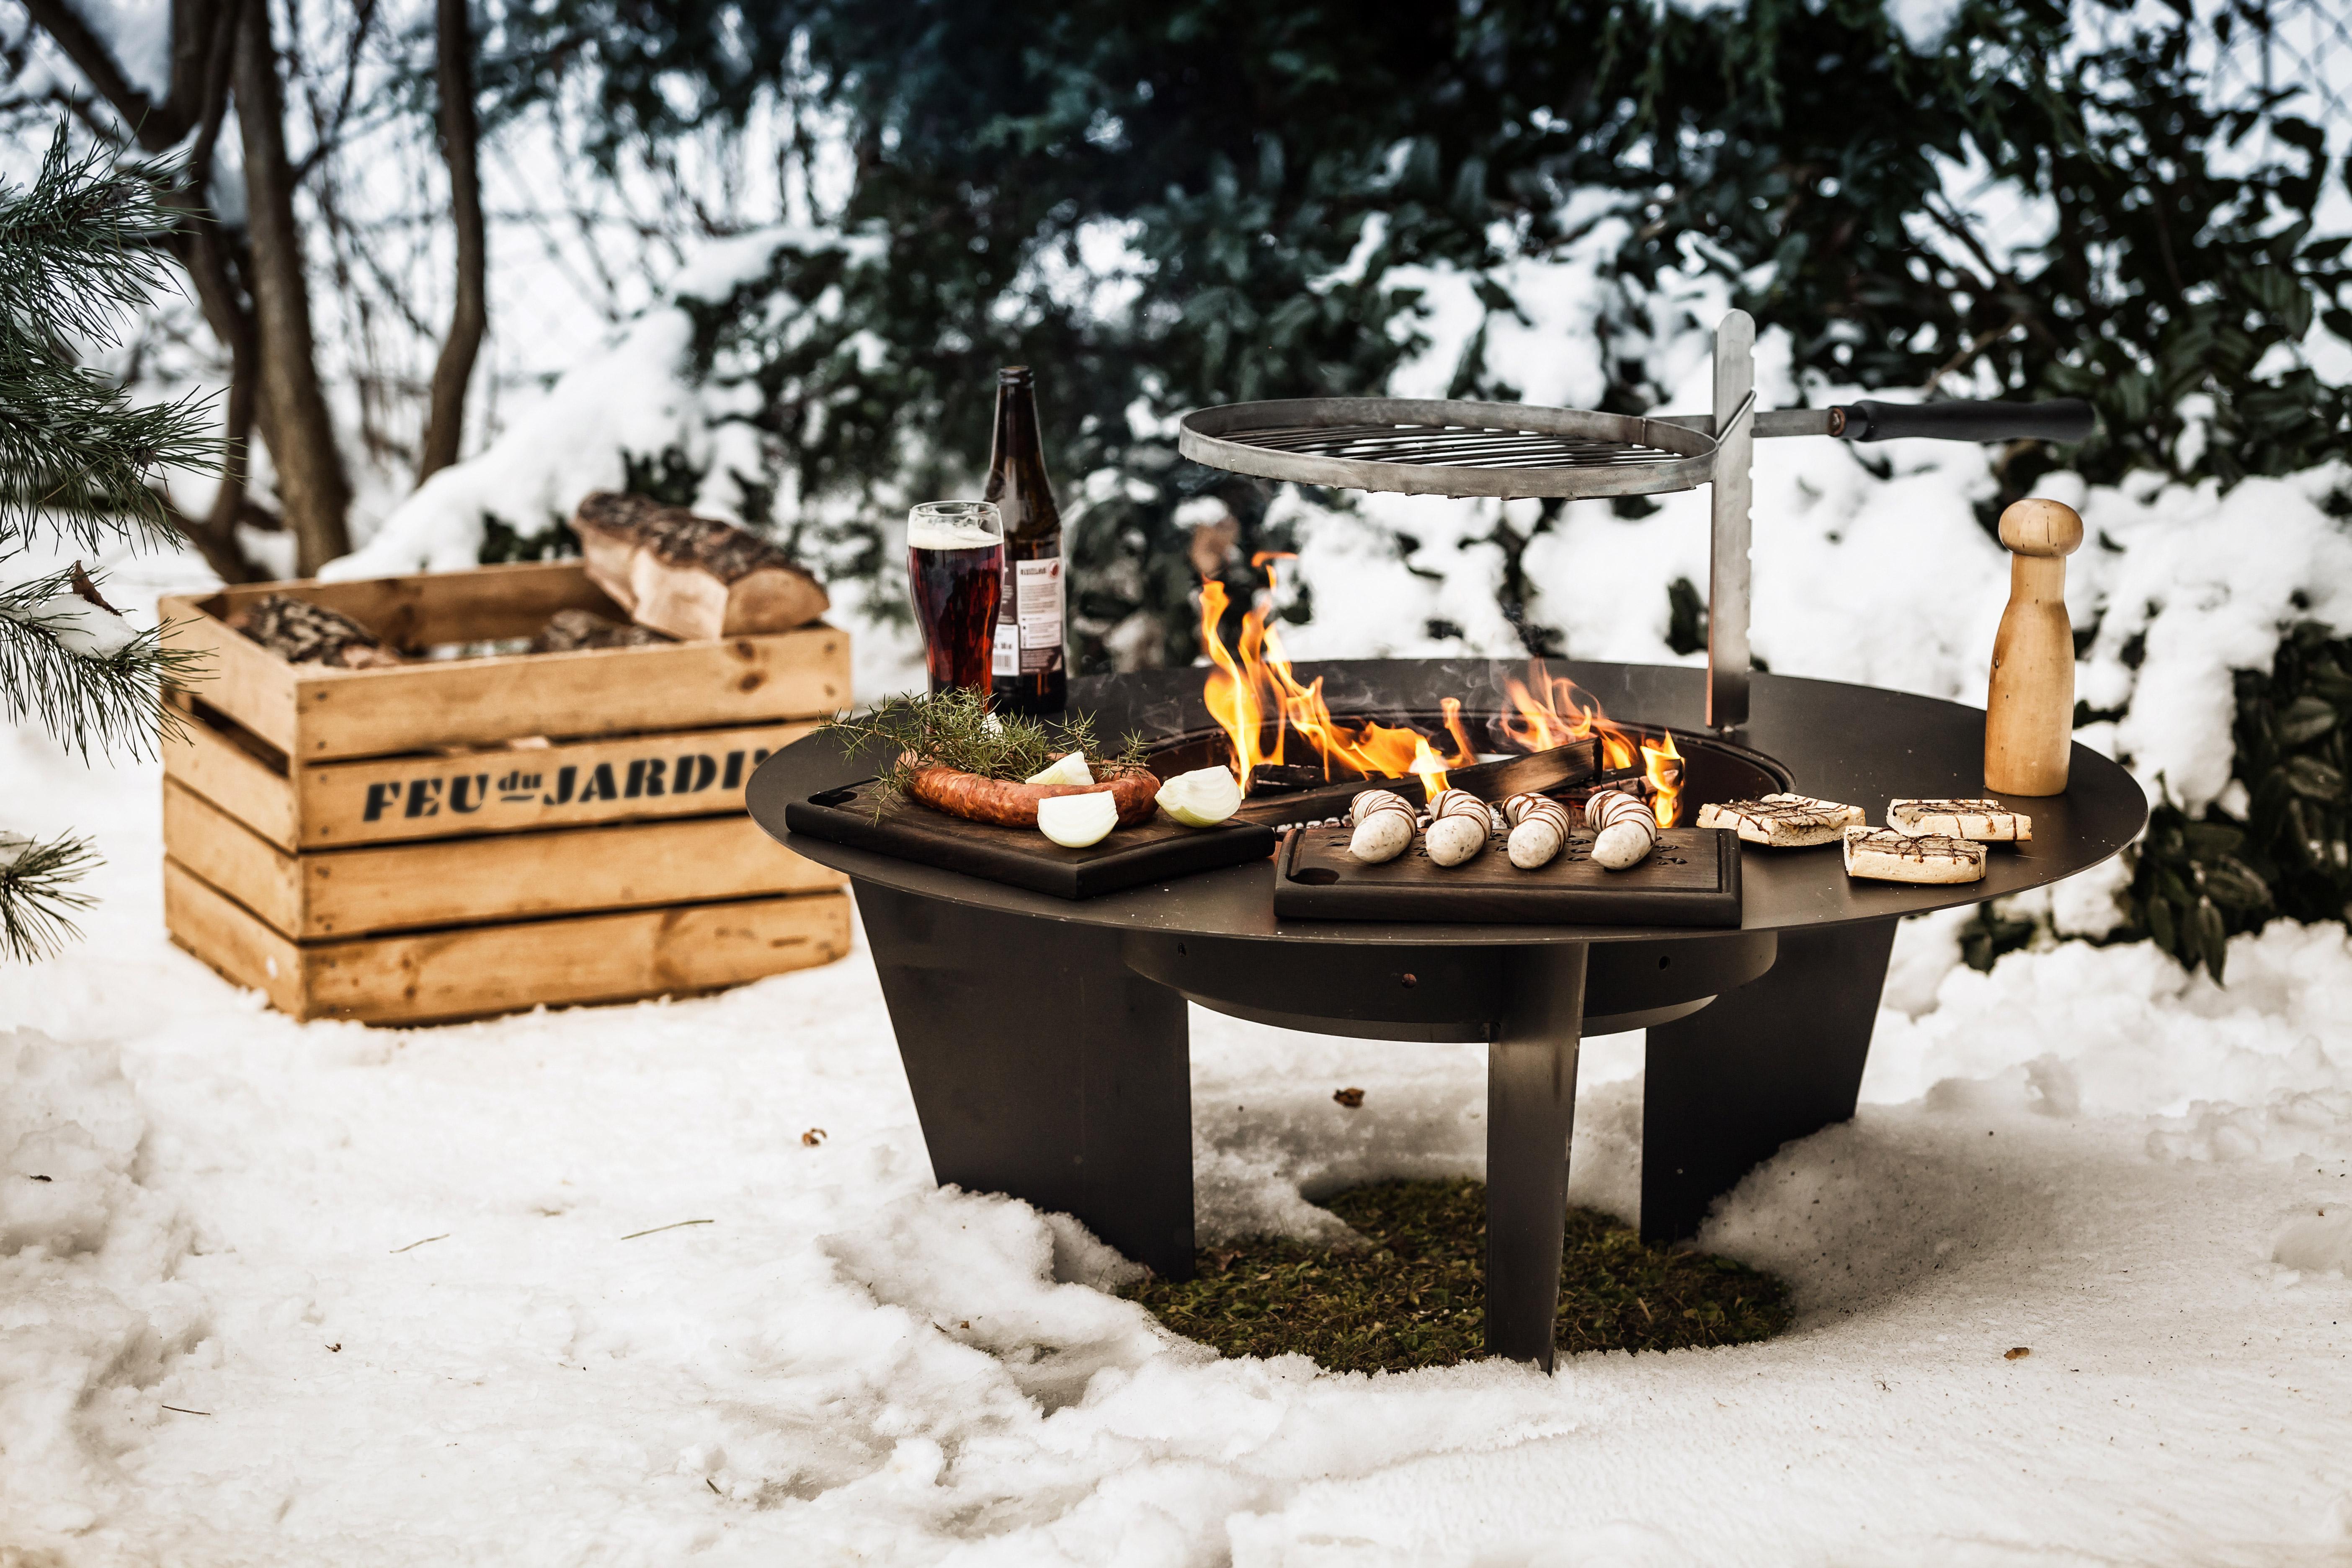 Barbecue olymp vente et livraison de produits naturels pour le jardin et la maison - Table jardin barbecue creteil ...